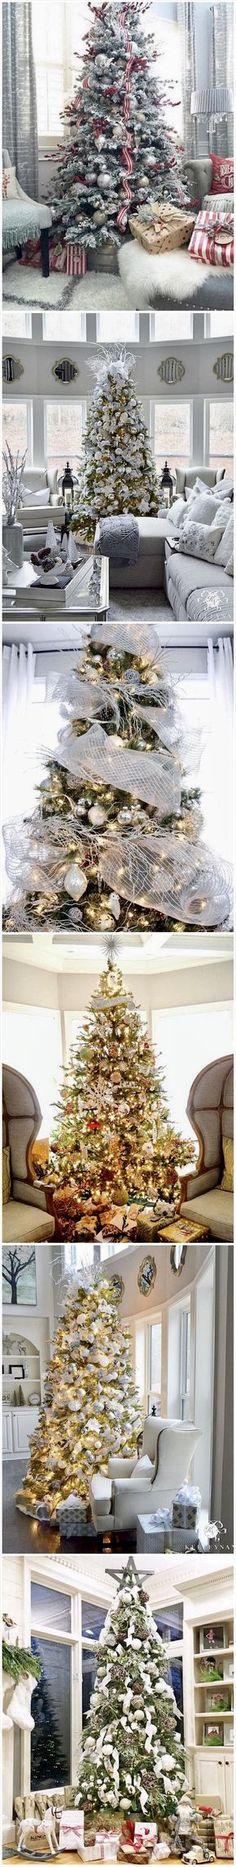 Christmas Tree Decorating Ideas - Xmas @styleestate